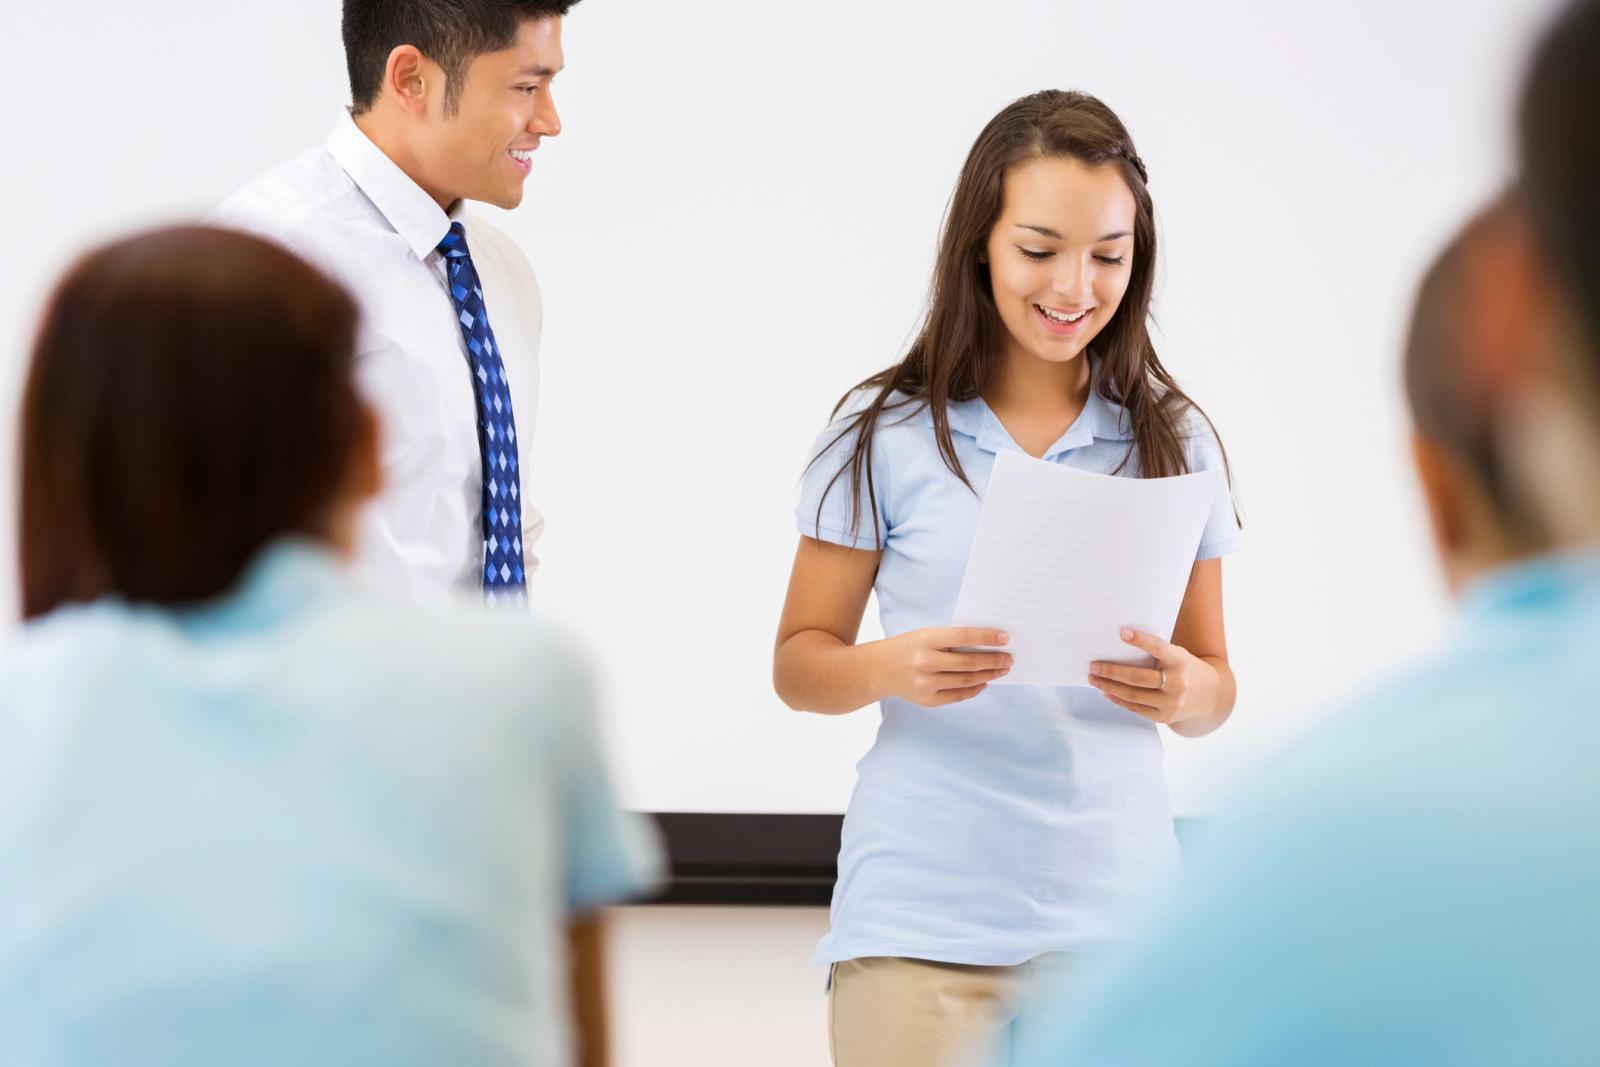 Việc tự học Speaking sẽ trở nên đơn giản hơn với sự trợ giúp của các tài liệu IELTS Speaking